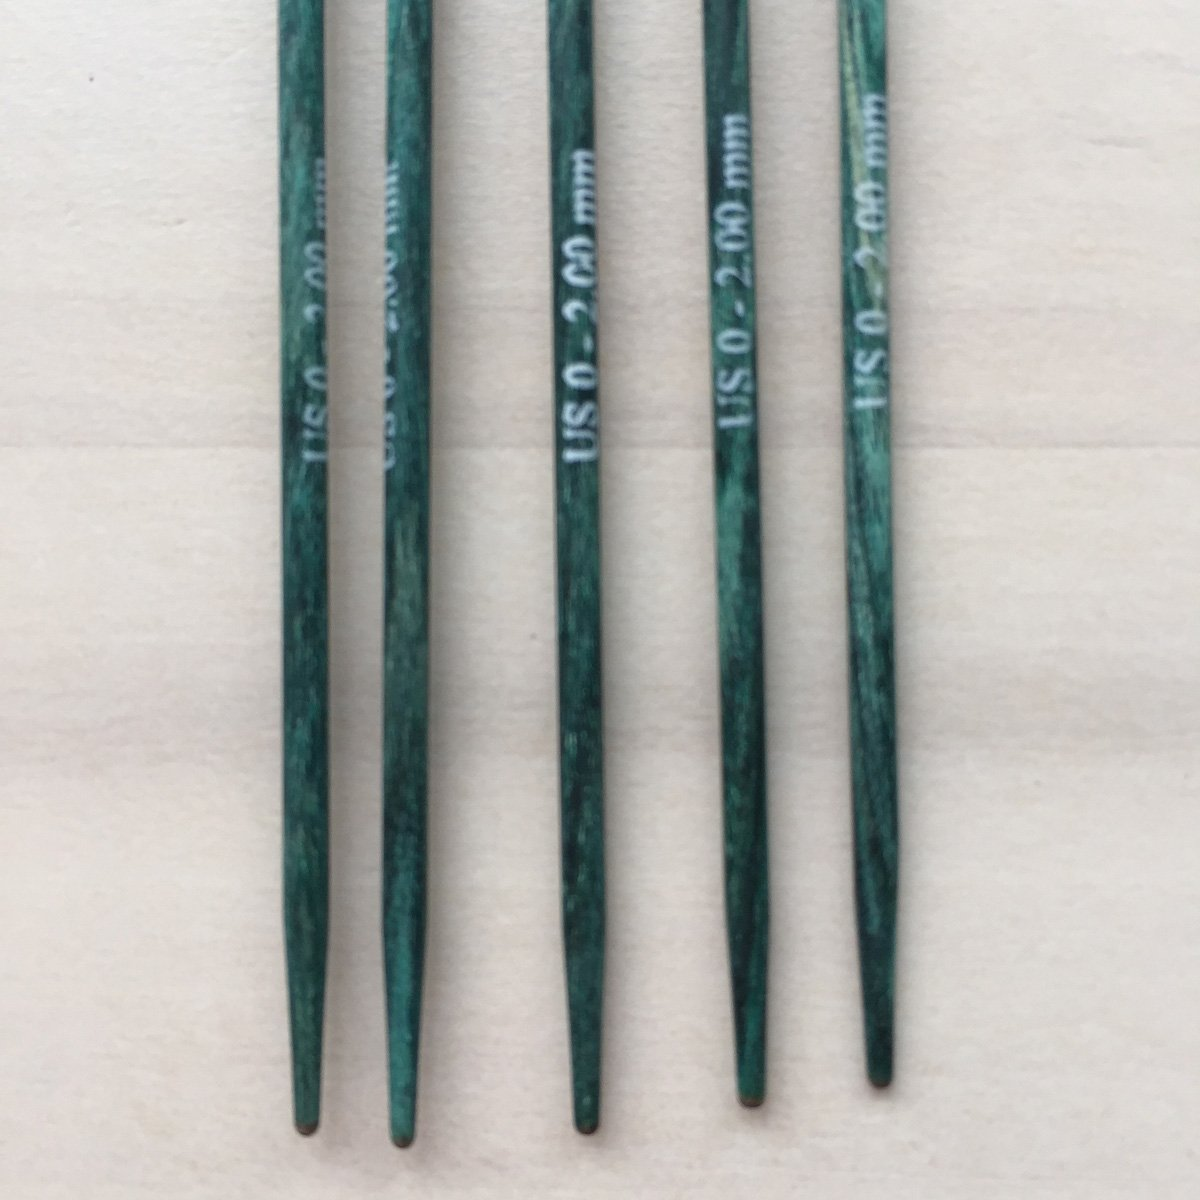 5 Wooden DPN's